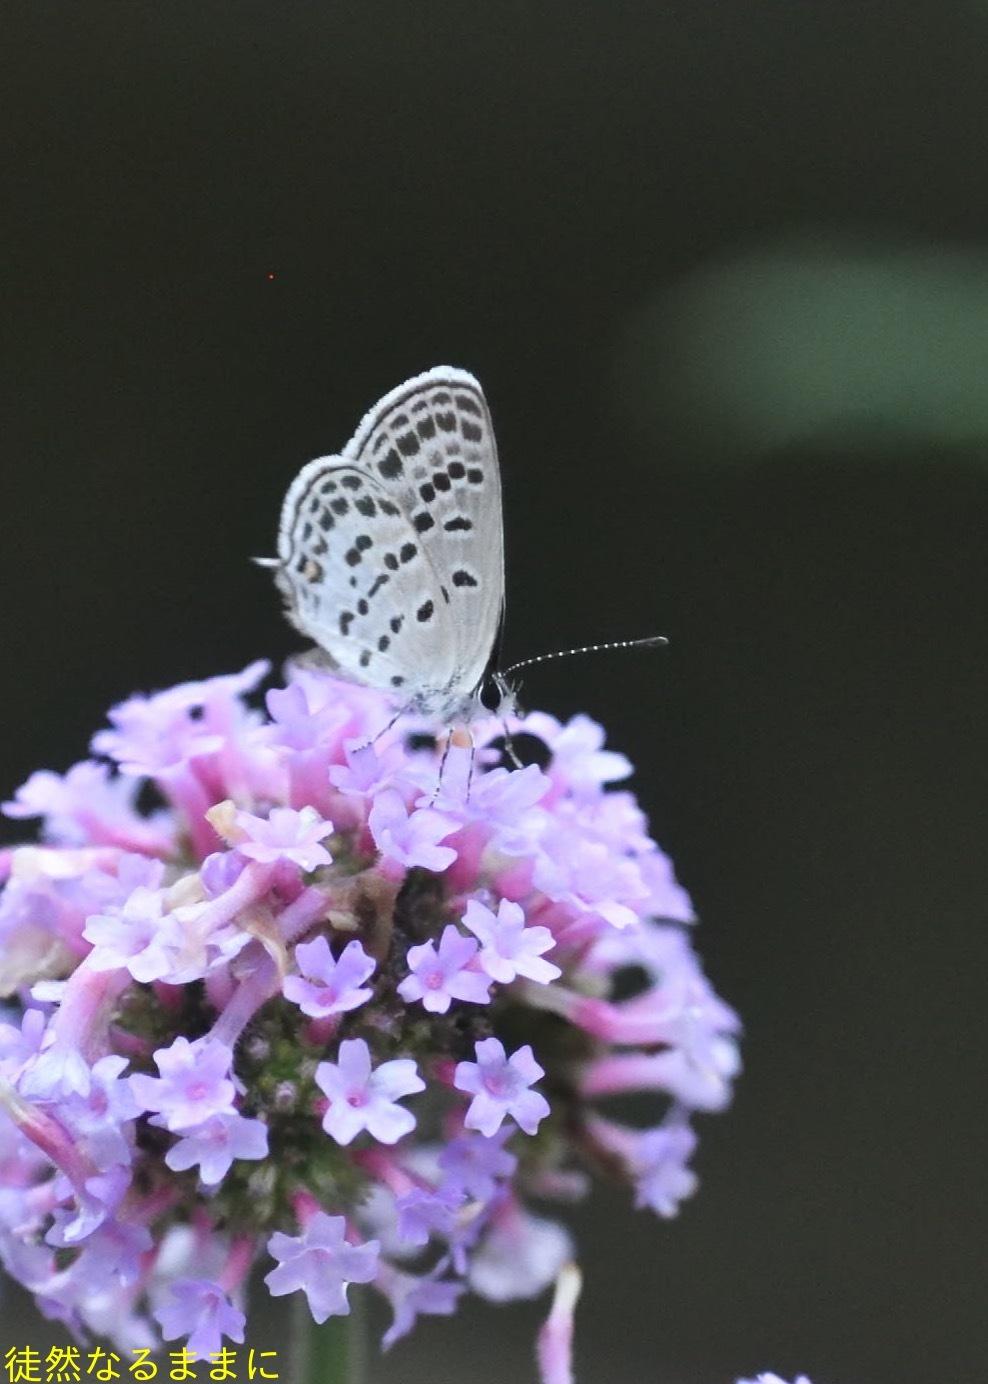 ホソオチョウ夏型・ムシャクロツバメシジミ_d0285540_19064663.jpg